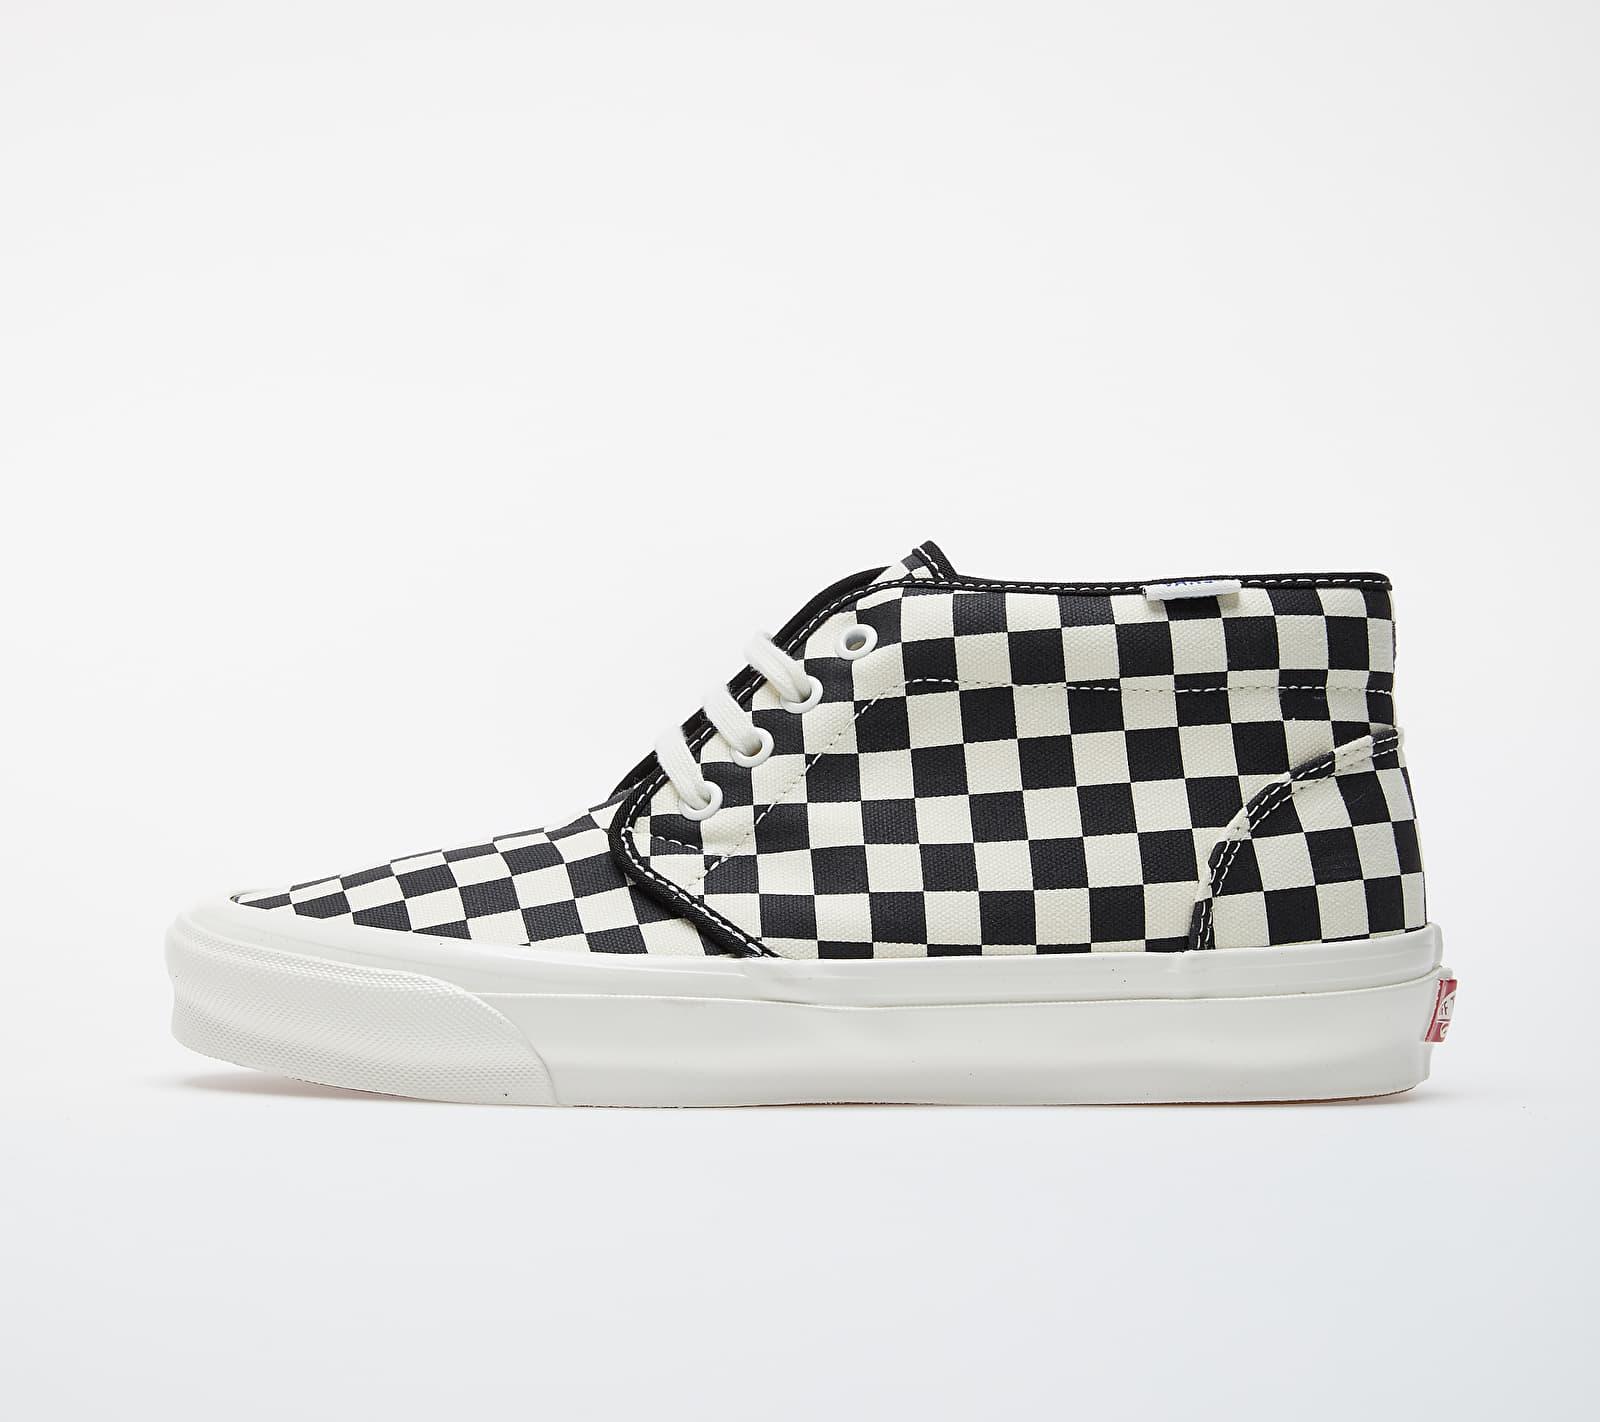 Vans Vault OG Chukka LX (Canvas/ Checkerboard) Black/ White EUR 44